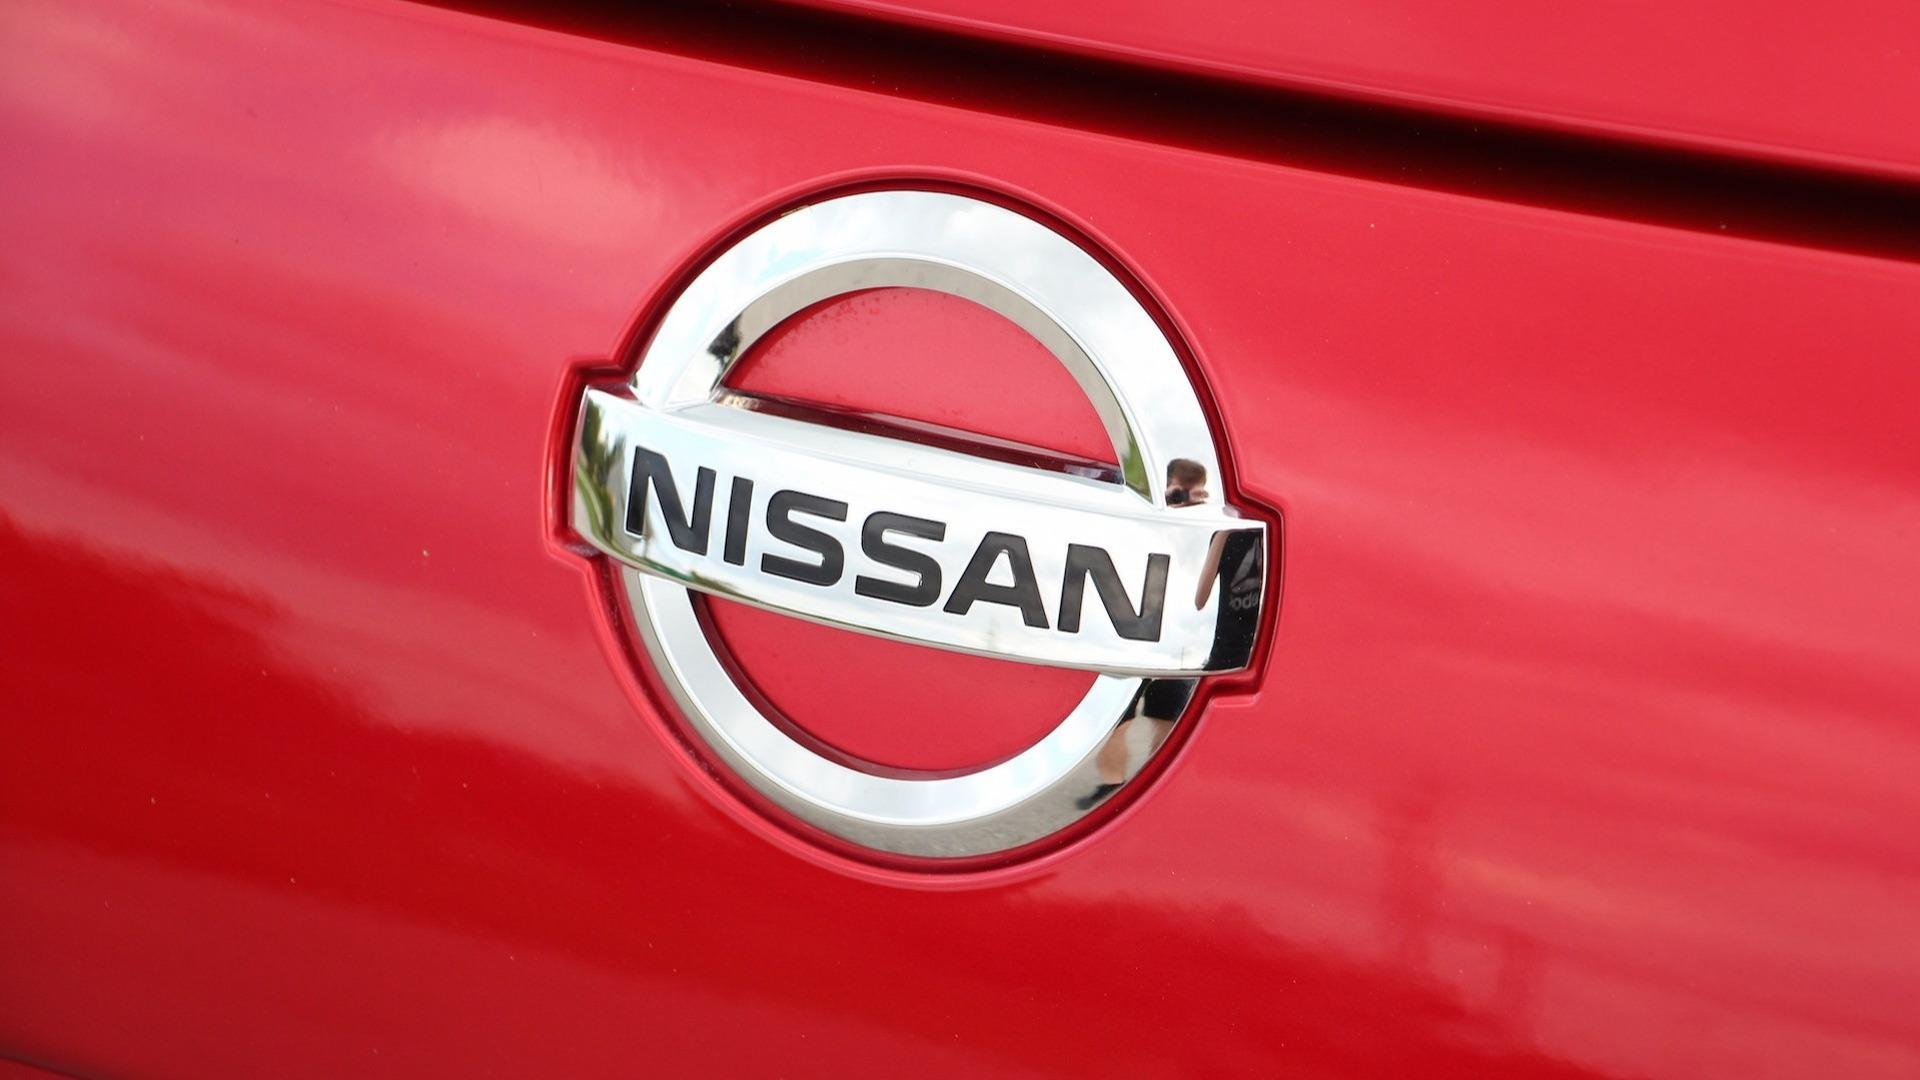 Nissan admite fraude em testes de emissões no Japão